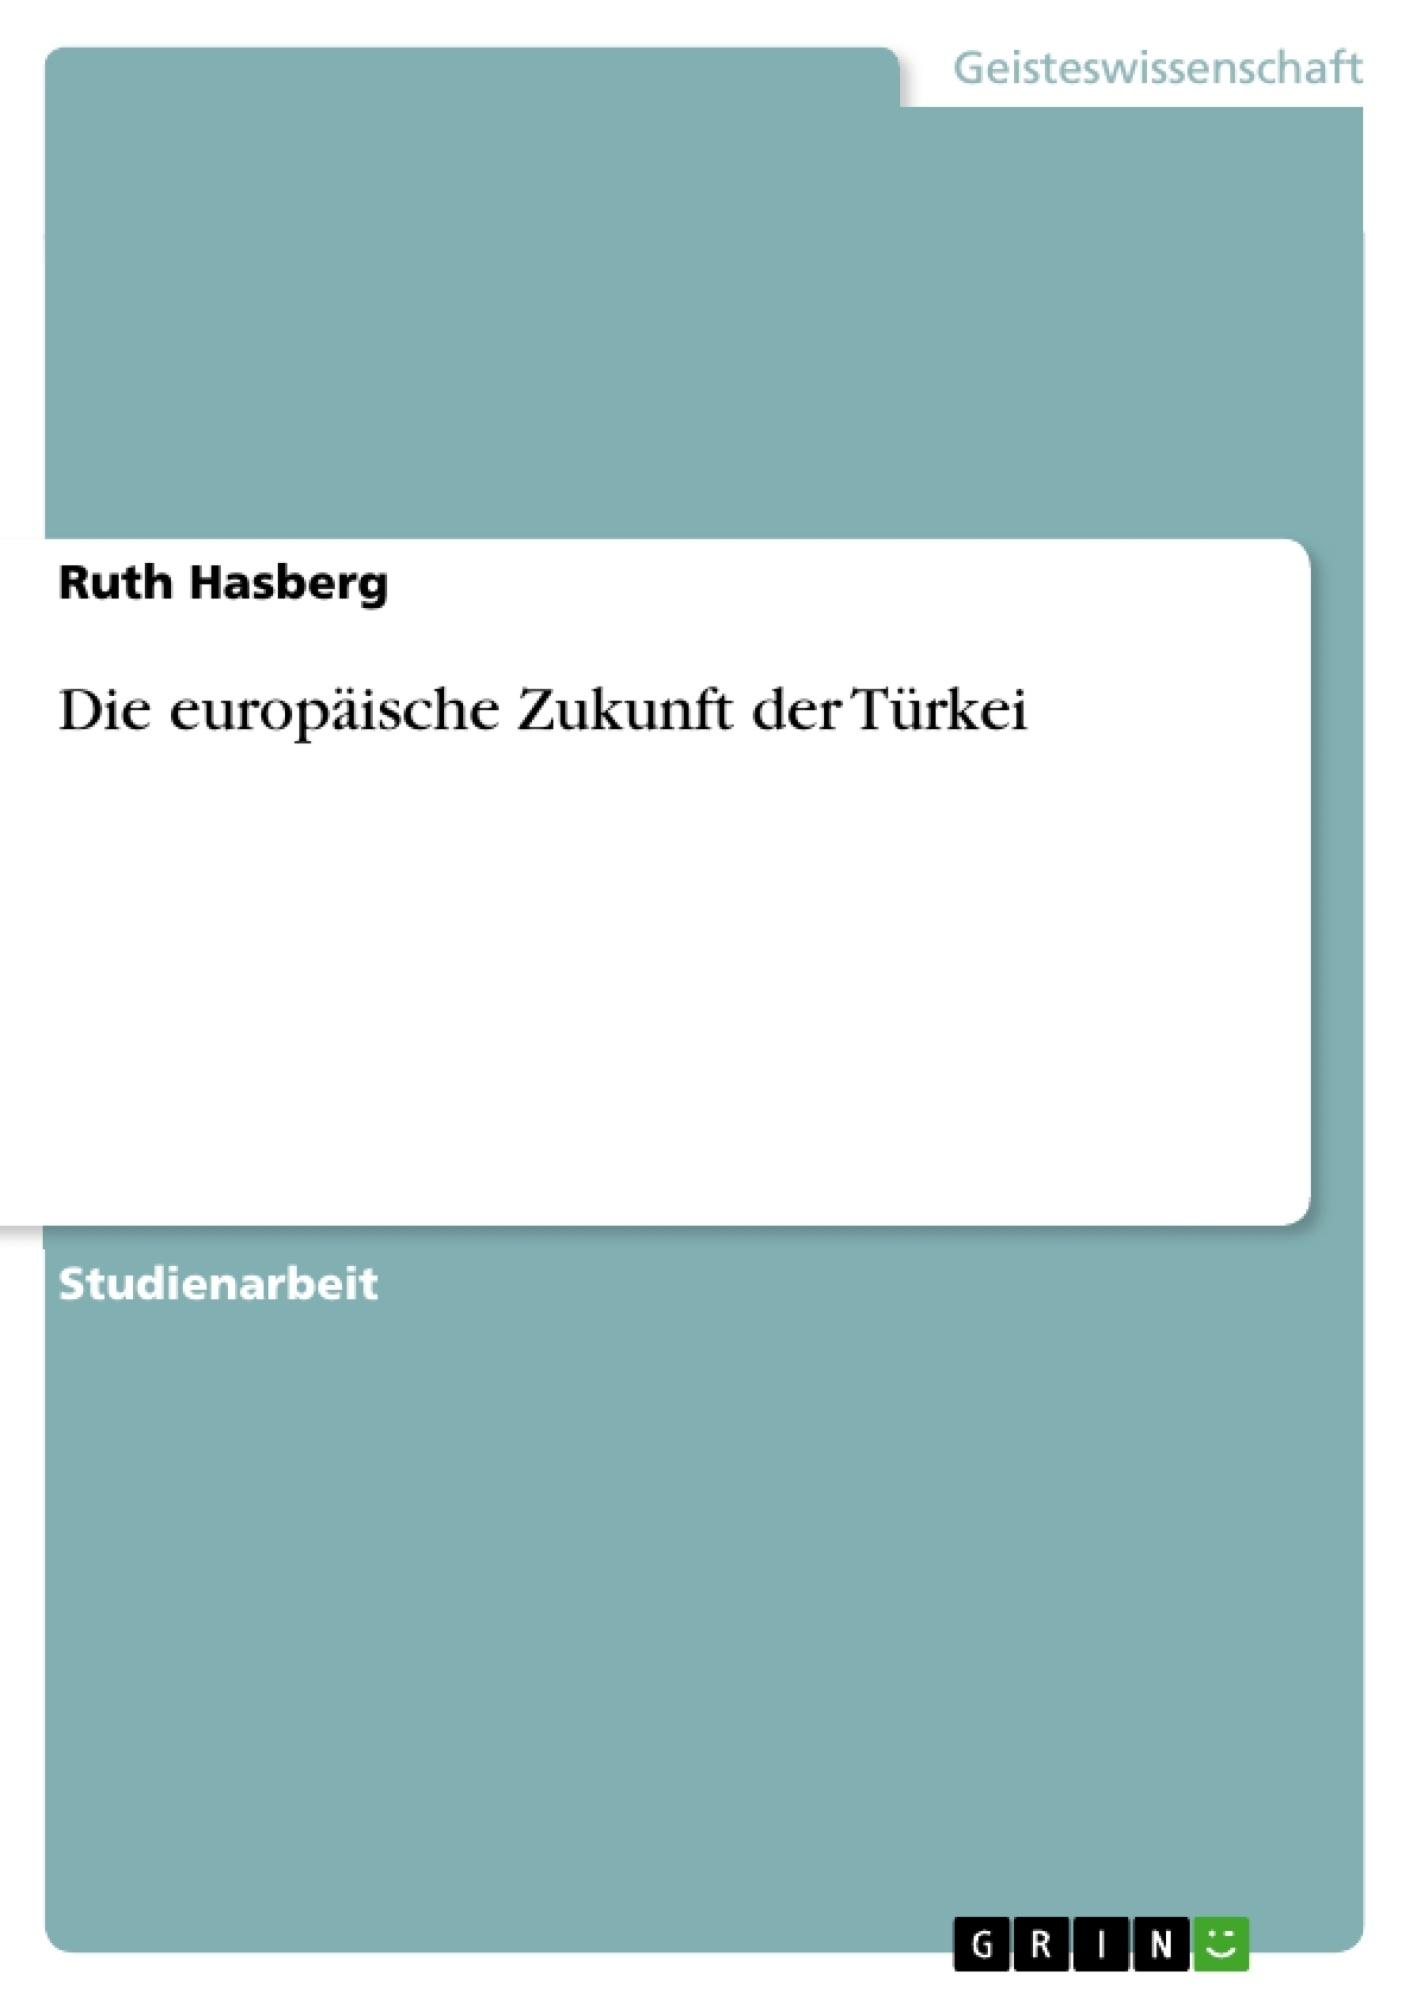 Titel: Die europäische Zukunft der Türkei